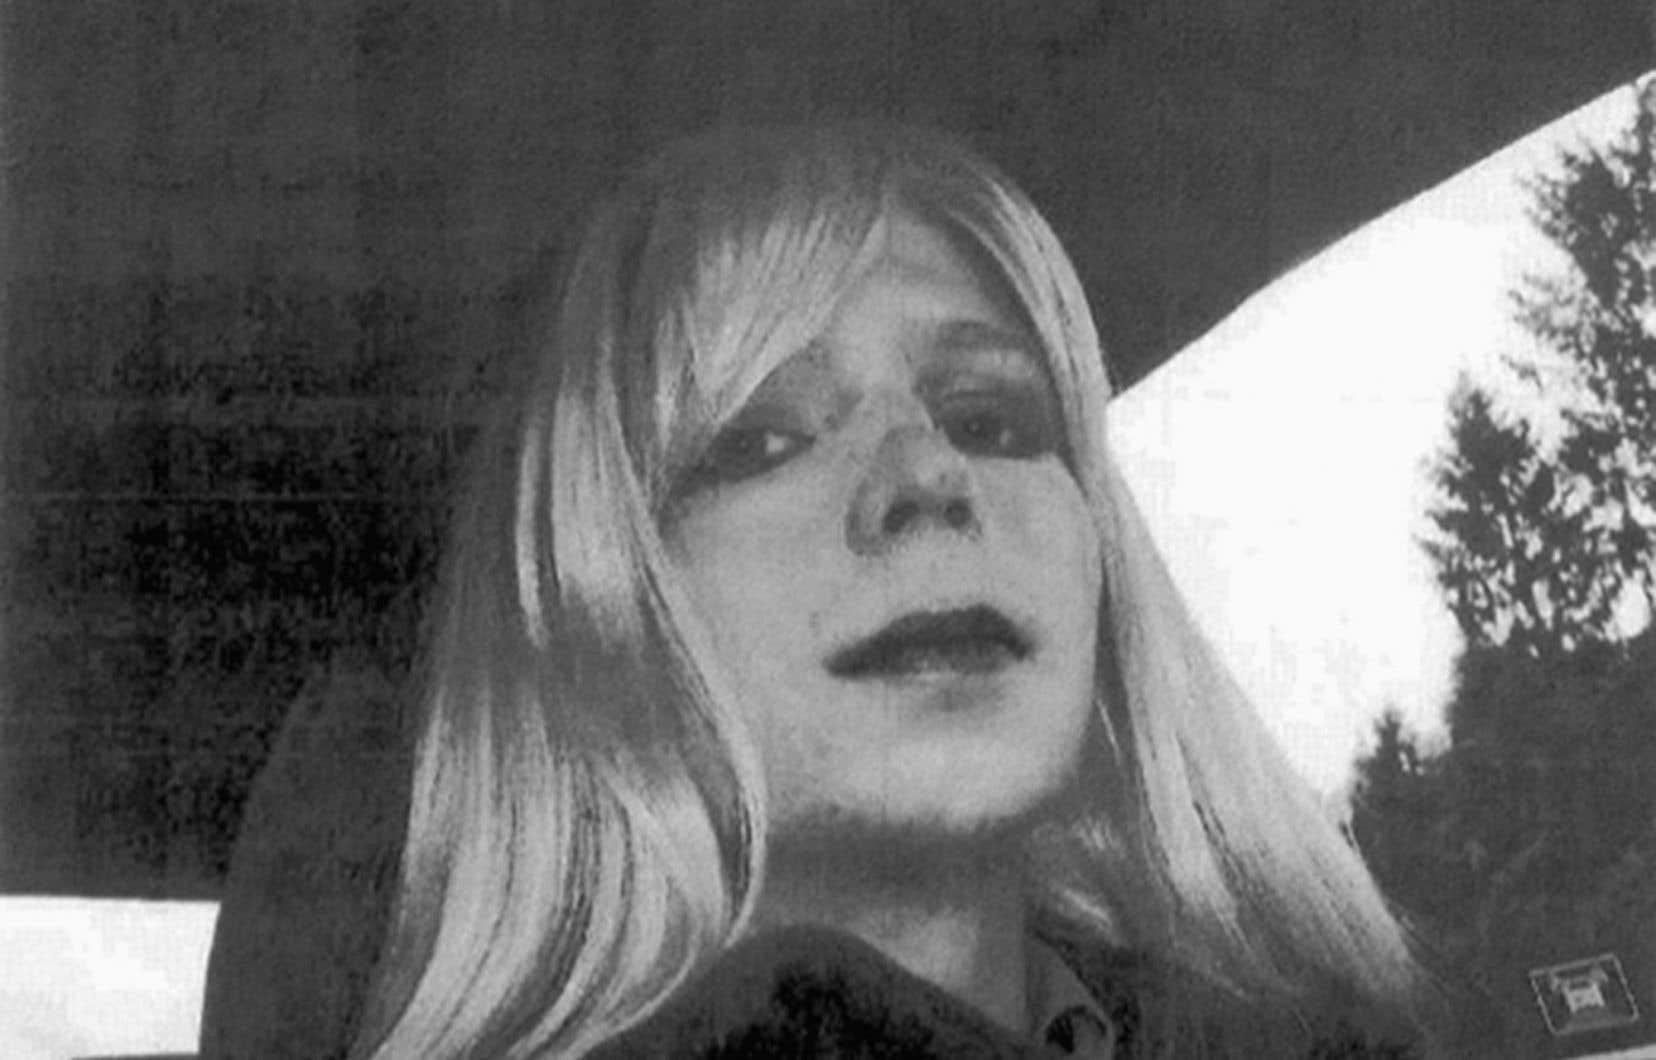 La militaire transsexuelle Chelsea Manning, qui s'appelait auparavant Bradley Manning, avait été condamnée en août2013 à 35ans de prison.